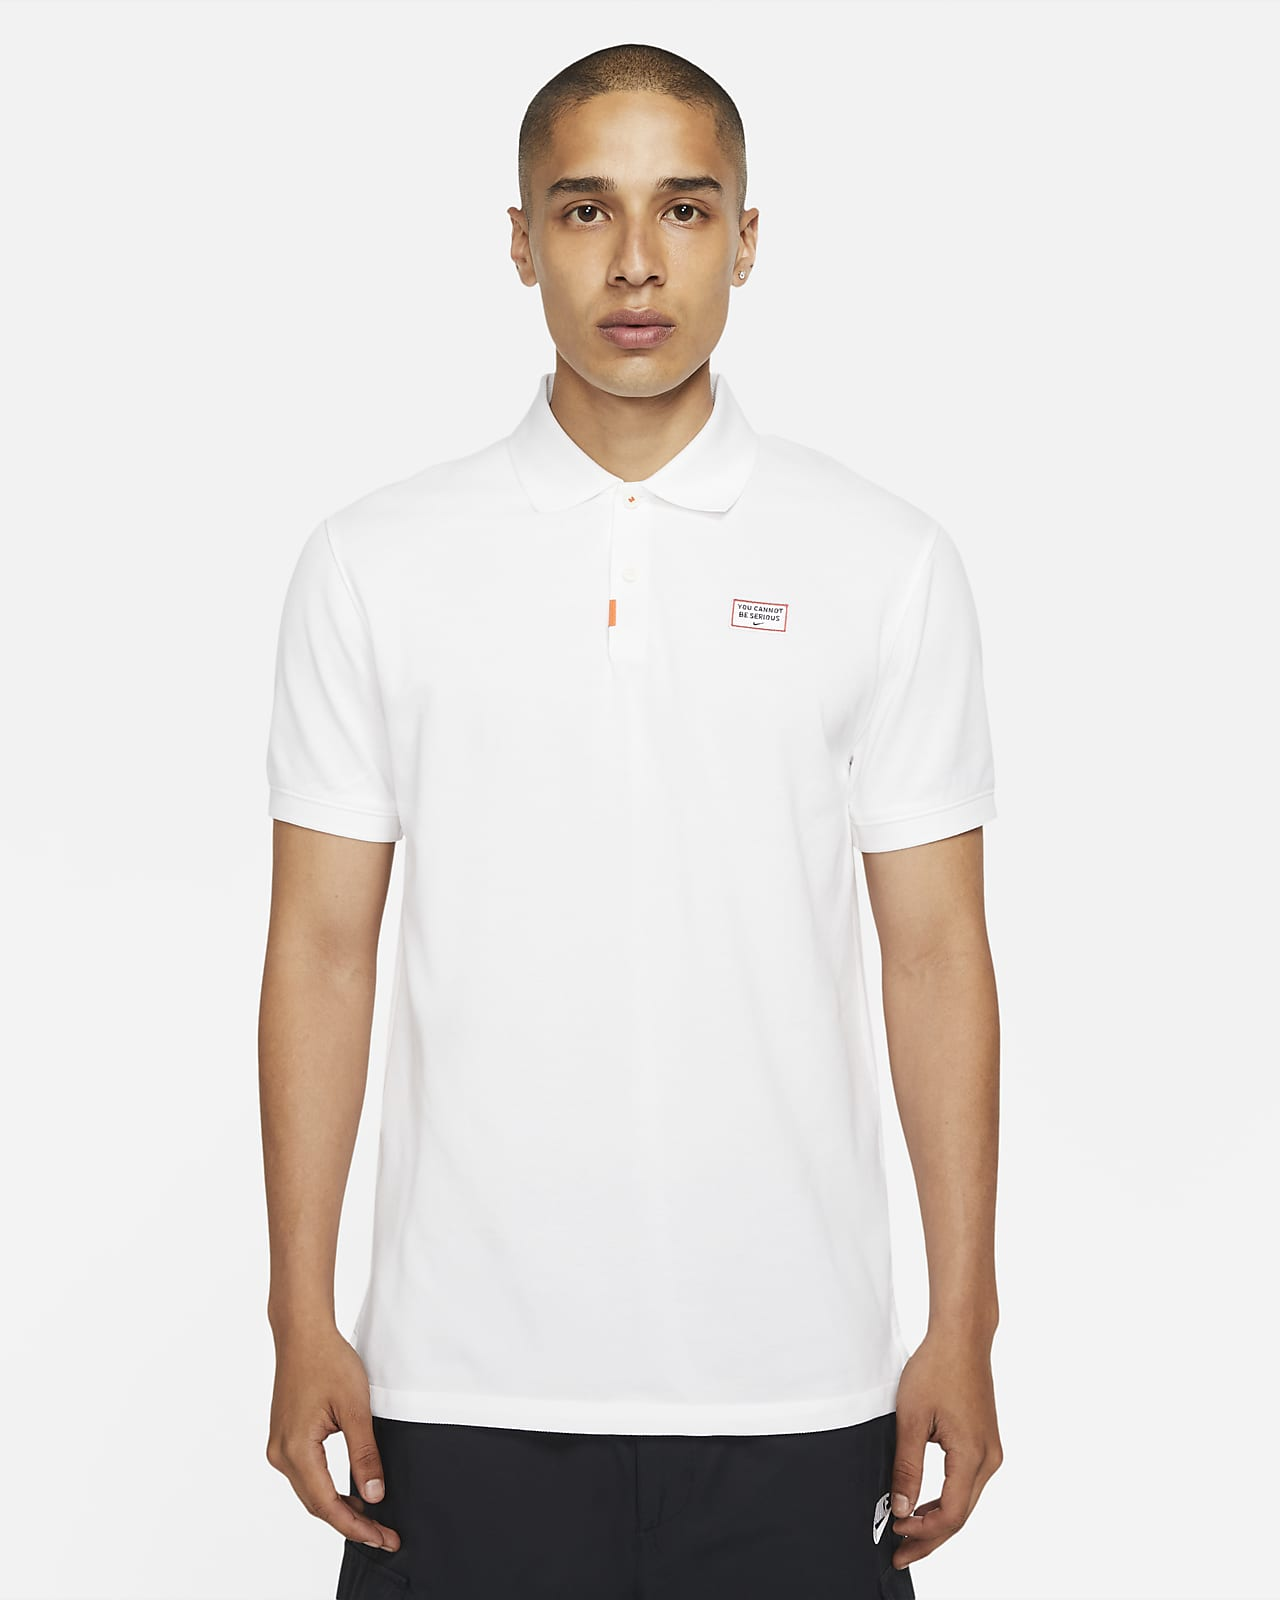 The Nike Polo Herren-Poloshirt